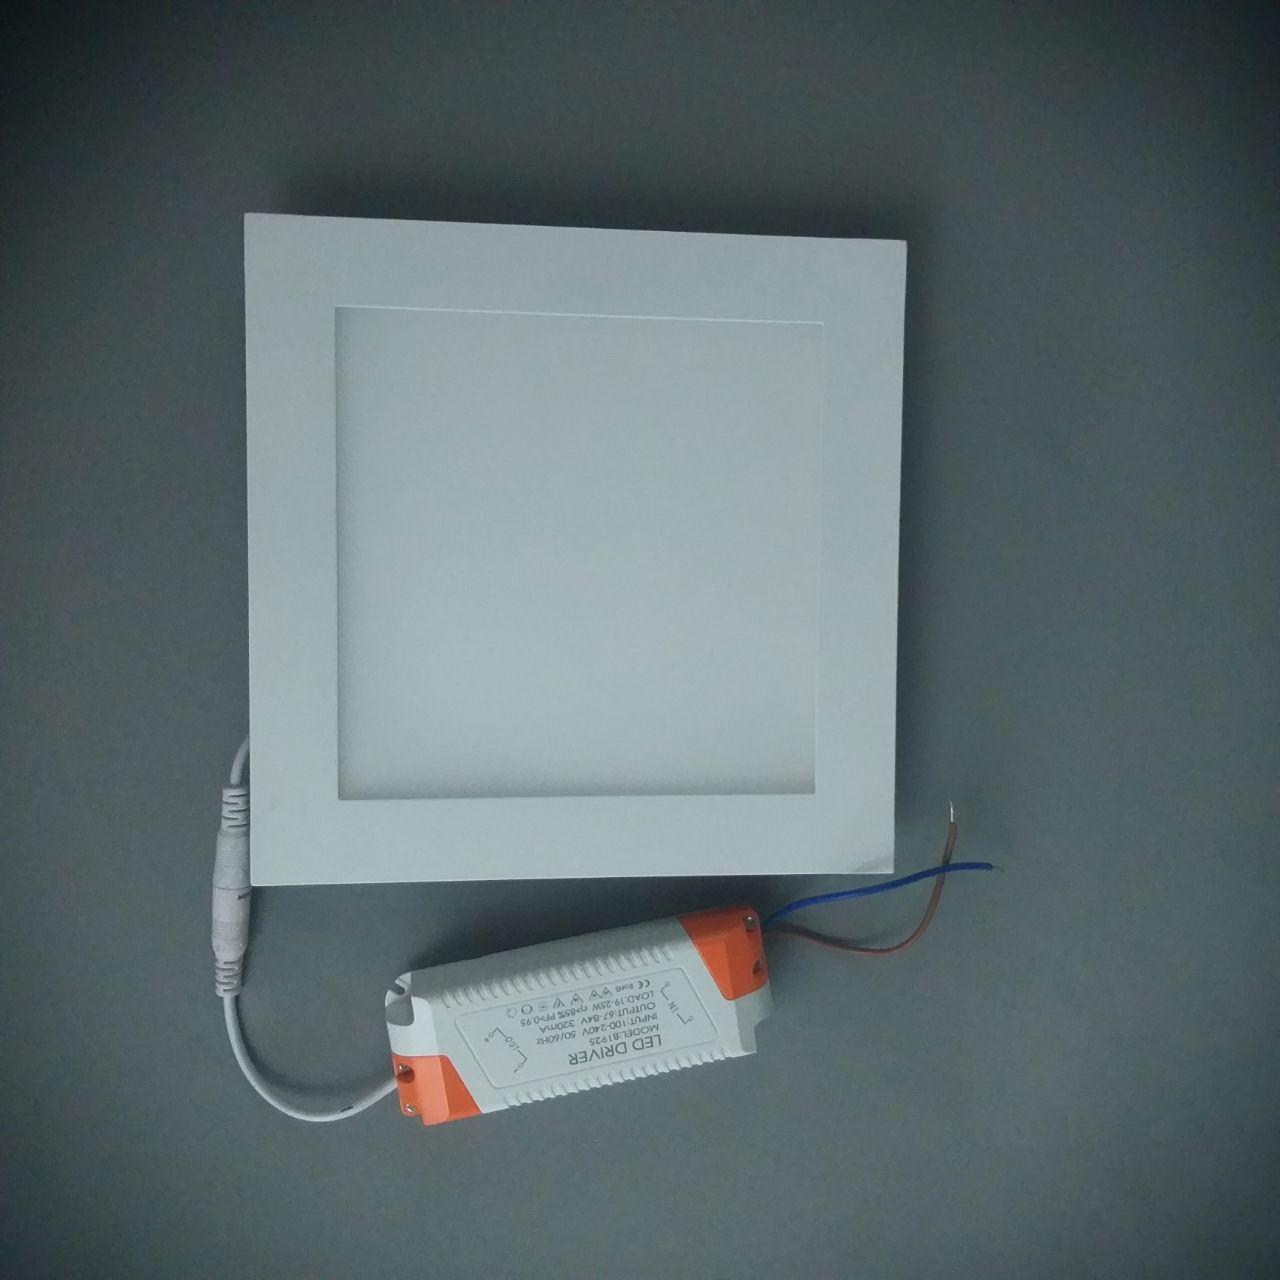 Светодиодная панель  S01015.5 WW 220x220 3000K 22W